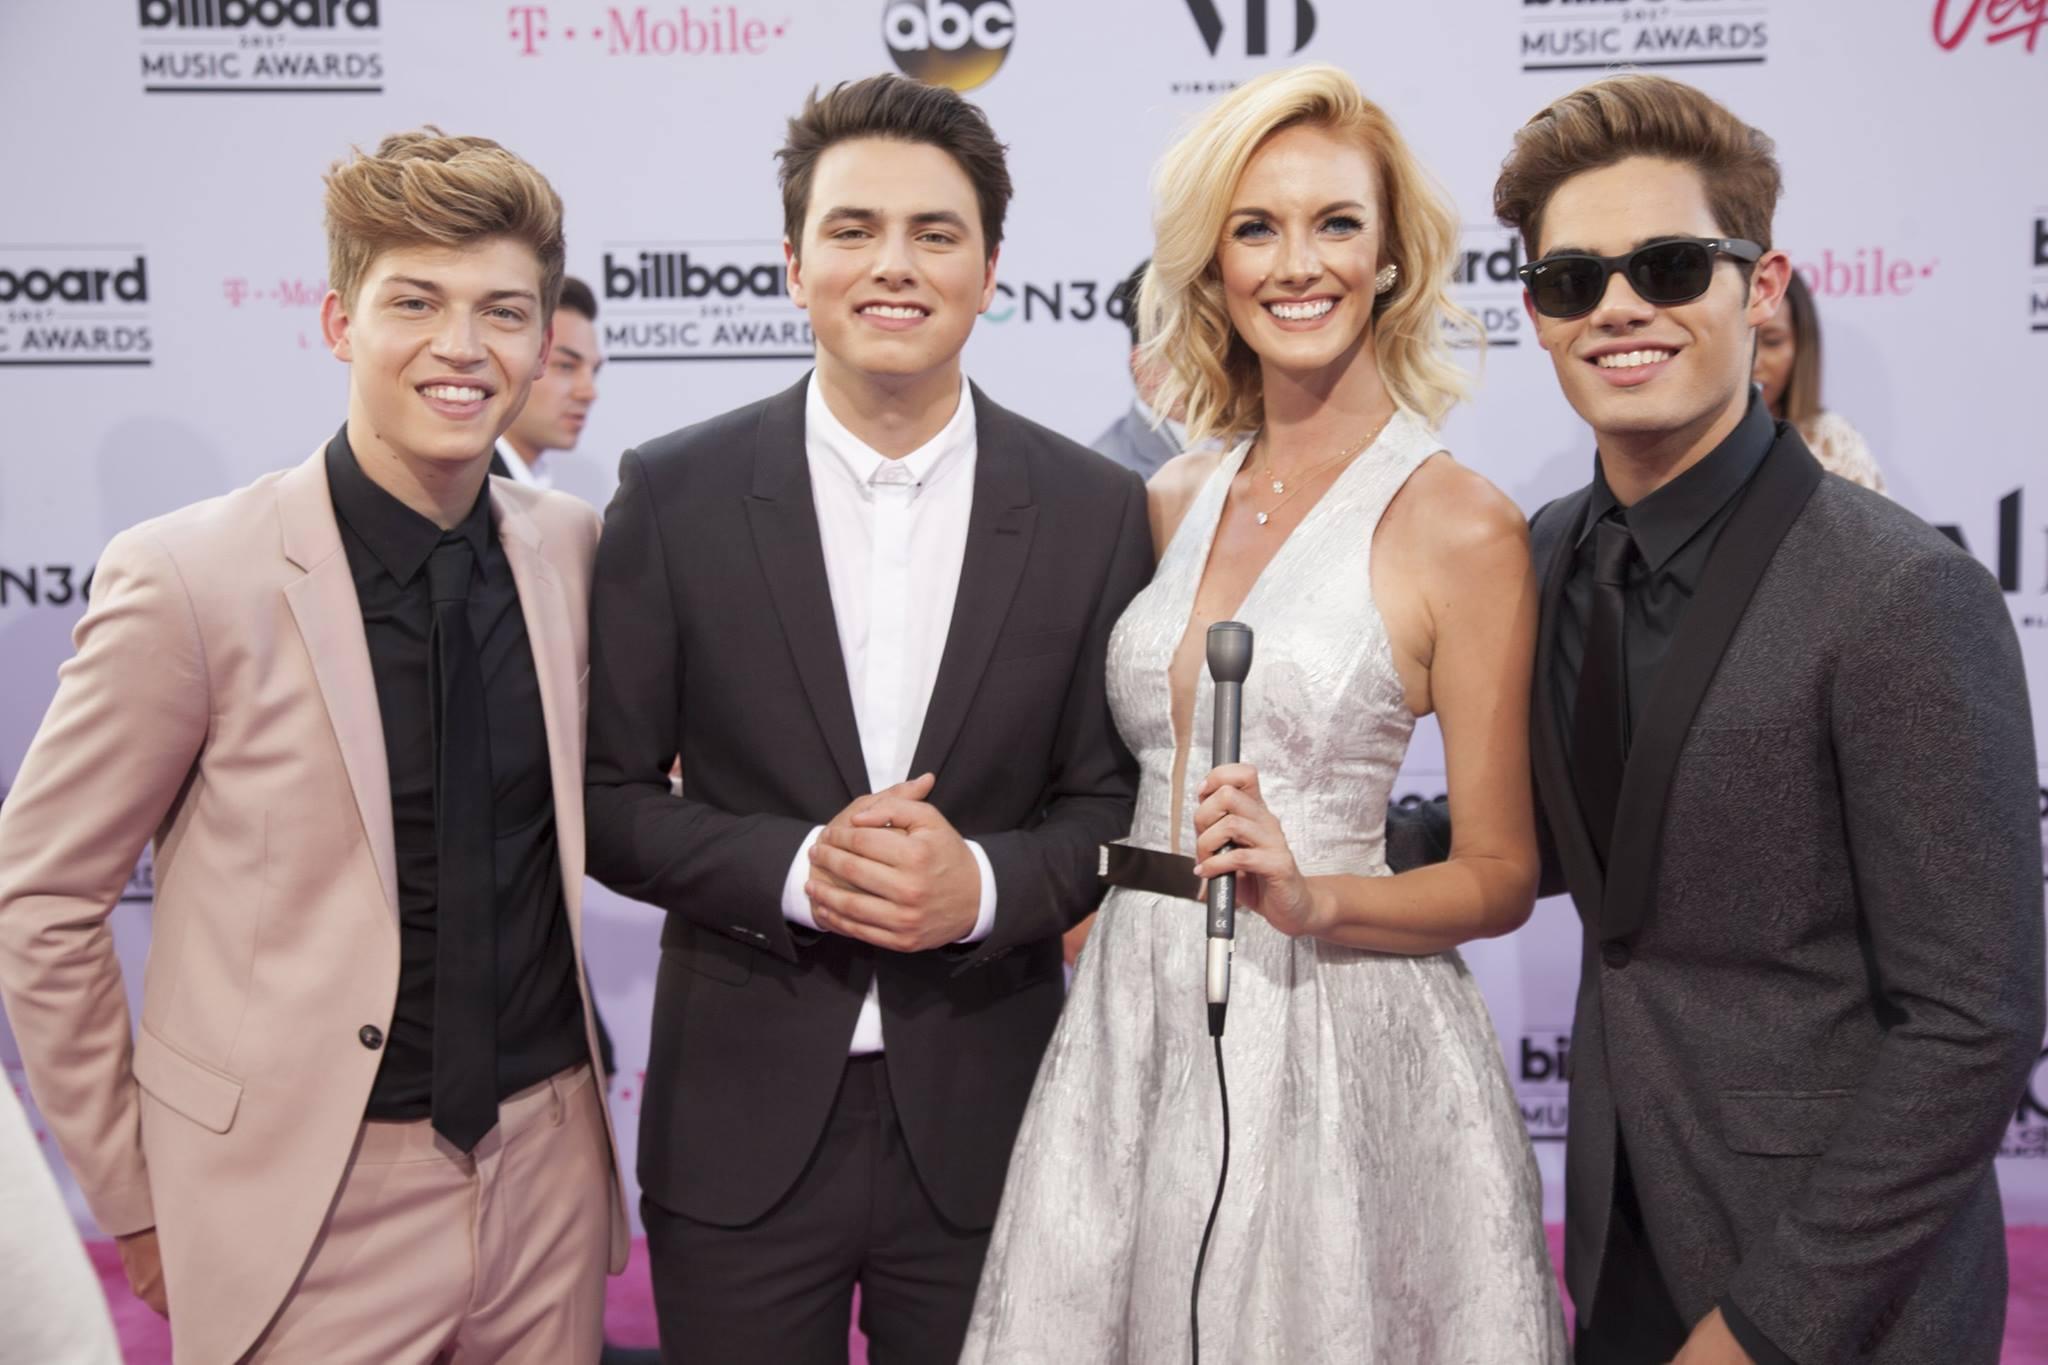 DLXVRSN-Media-Billboard-Music-Awards6